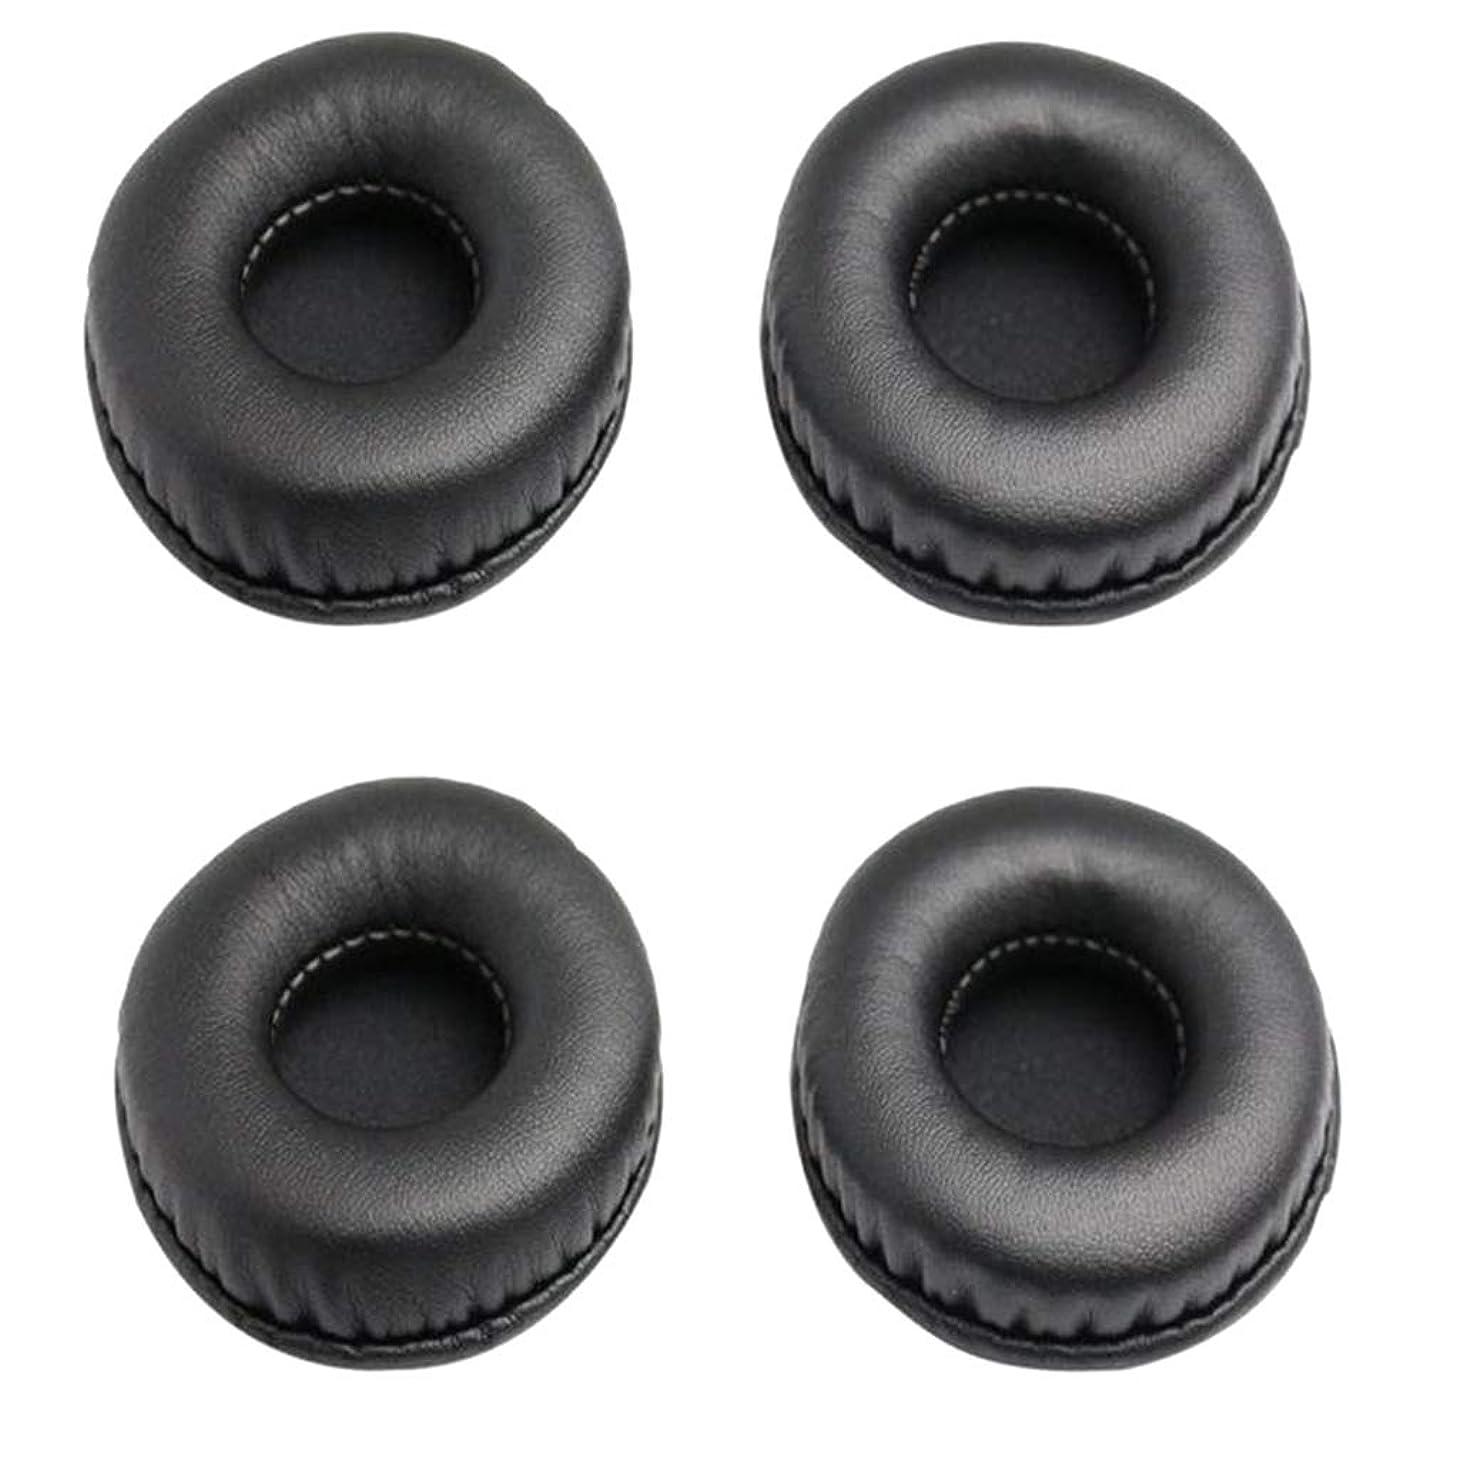 なめる資産転用Baoblaze ヘッドフォン交換用 イヤーパッド 耳パッドクッション 耐久性 65mm 2ペア